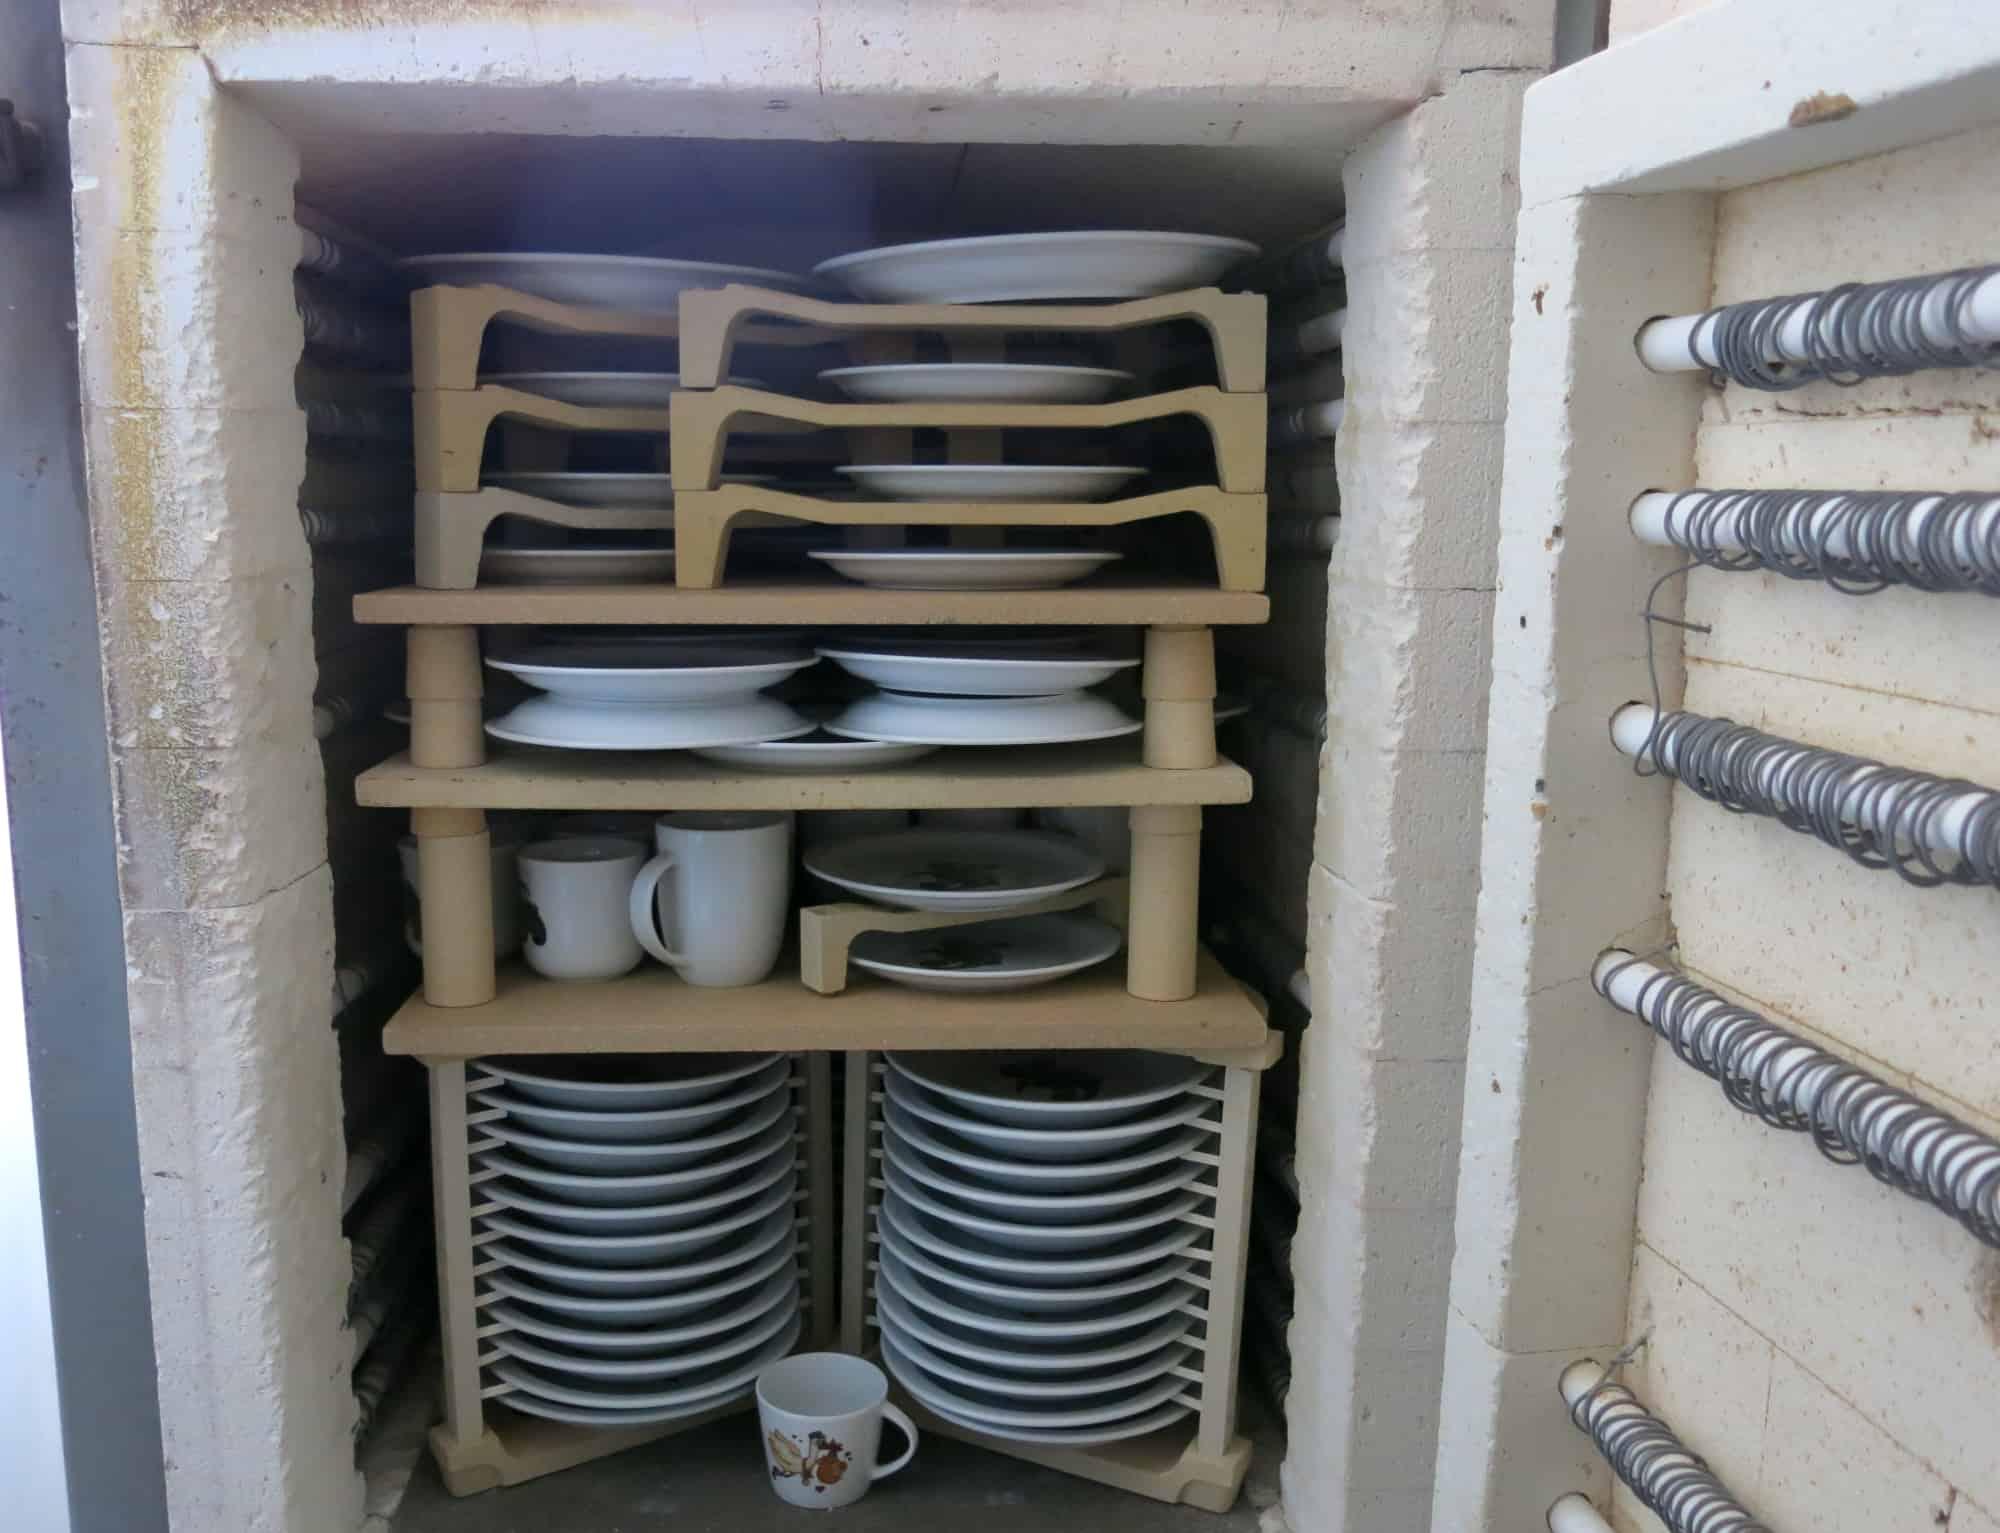 Werkstatt Porzellan im Hinterhof - Ofenbeladung Nabertherm Ofen groß